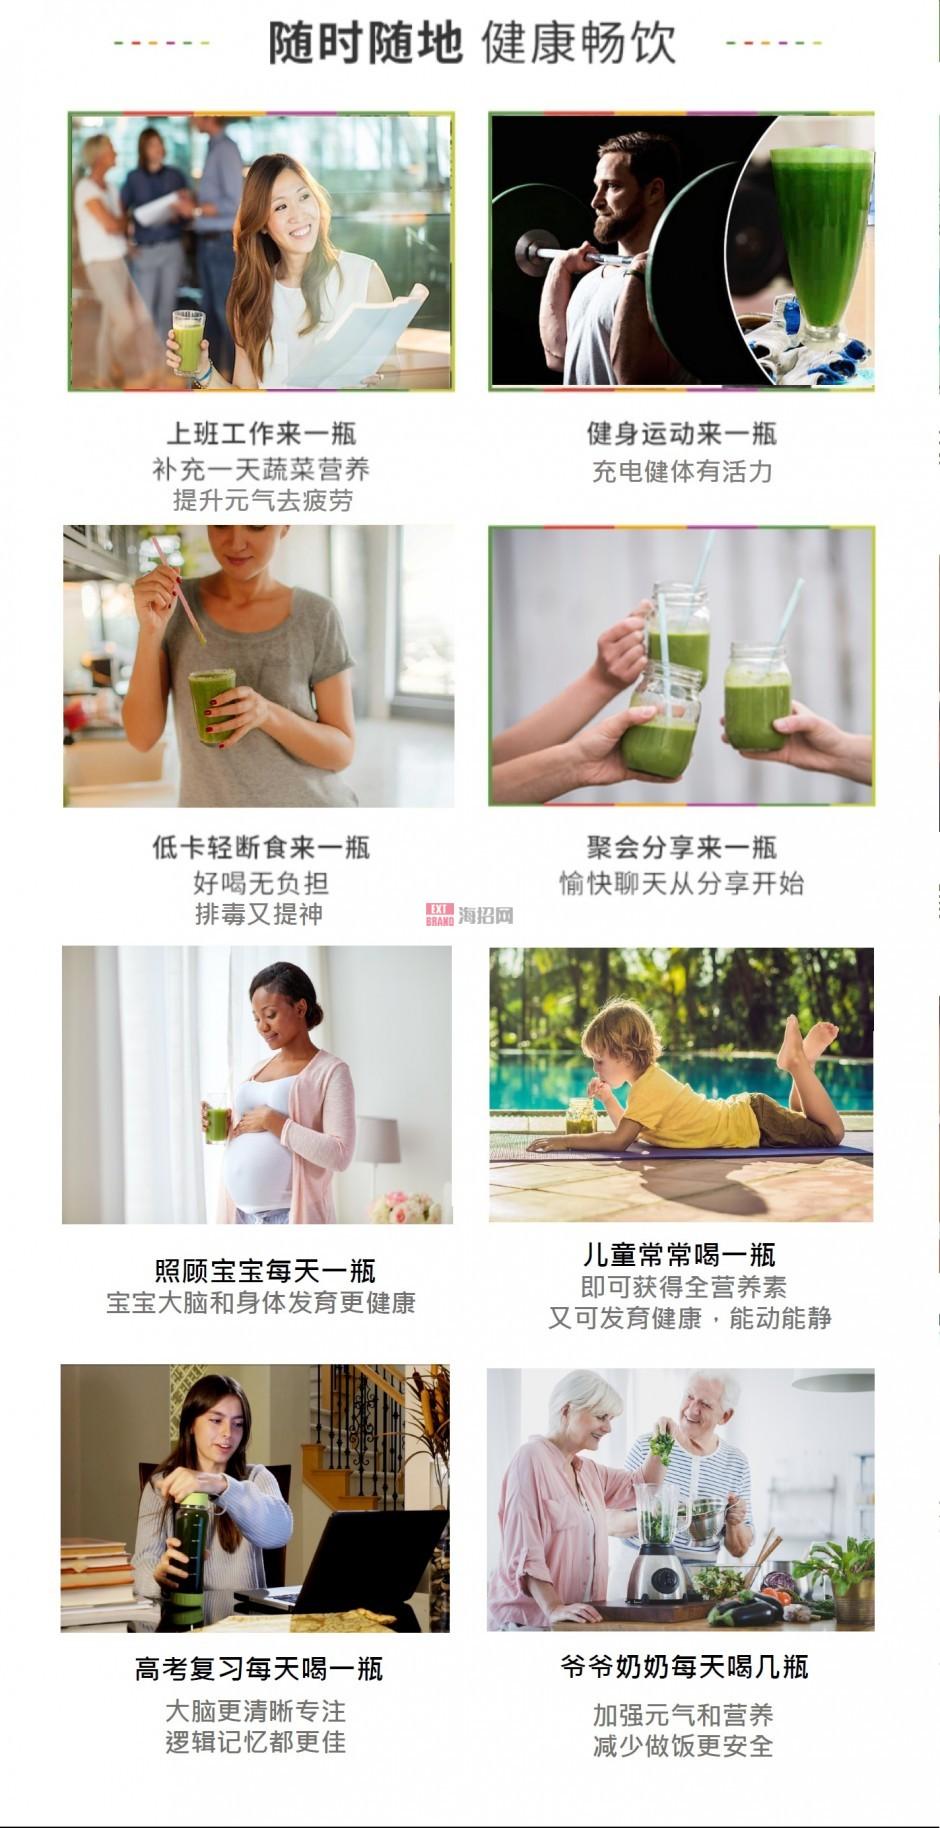 广州买卖易跨境电商上架图片 5 修改建议